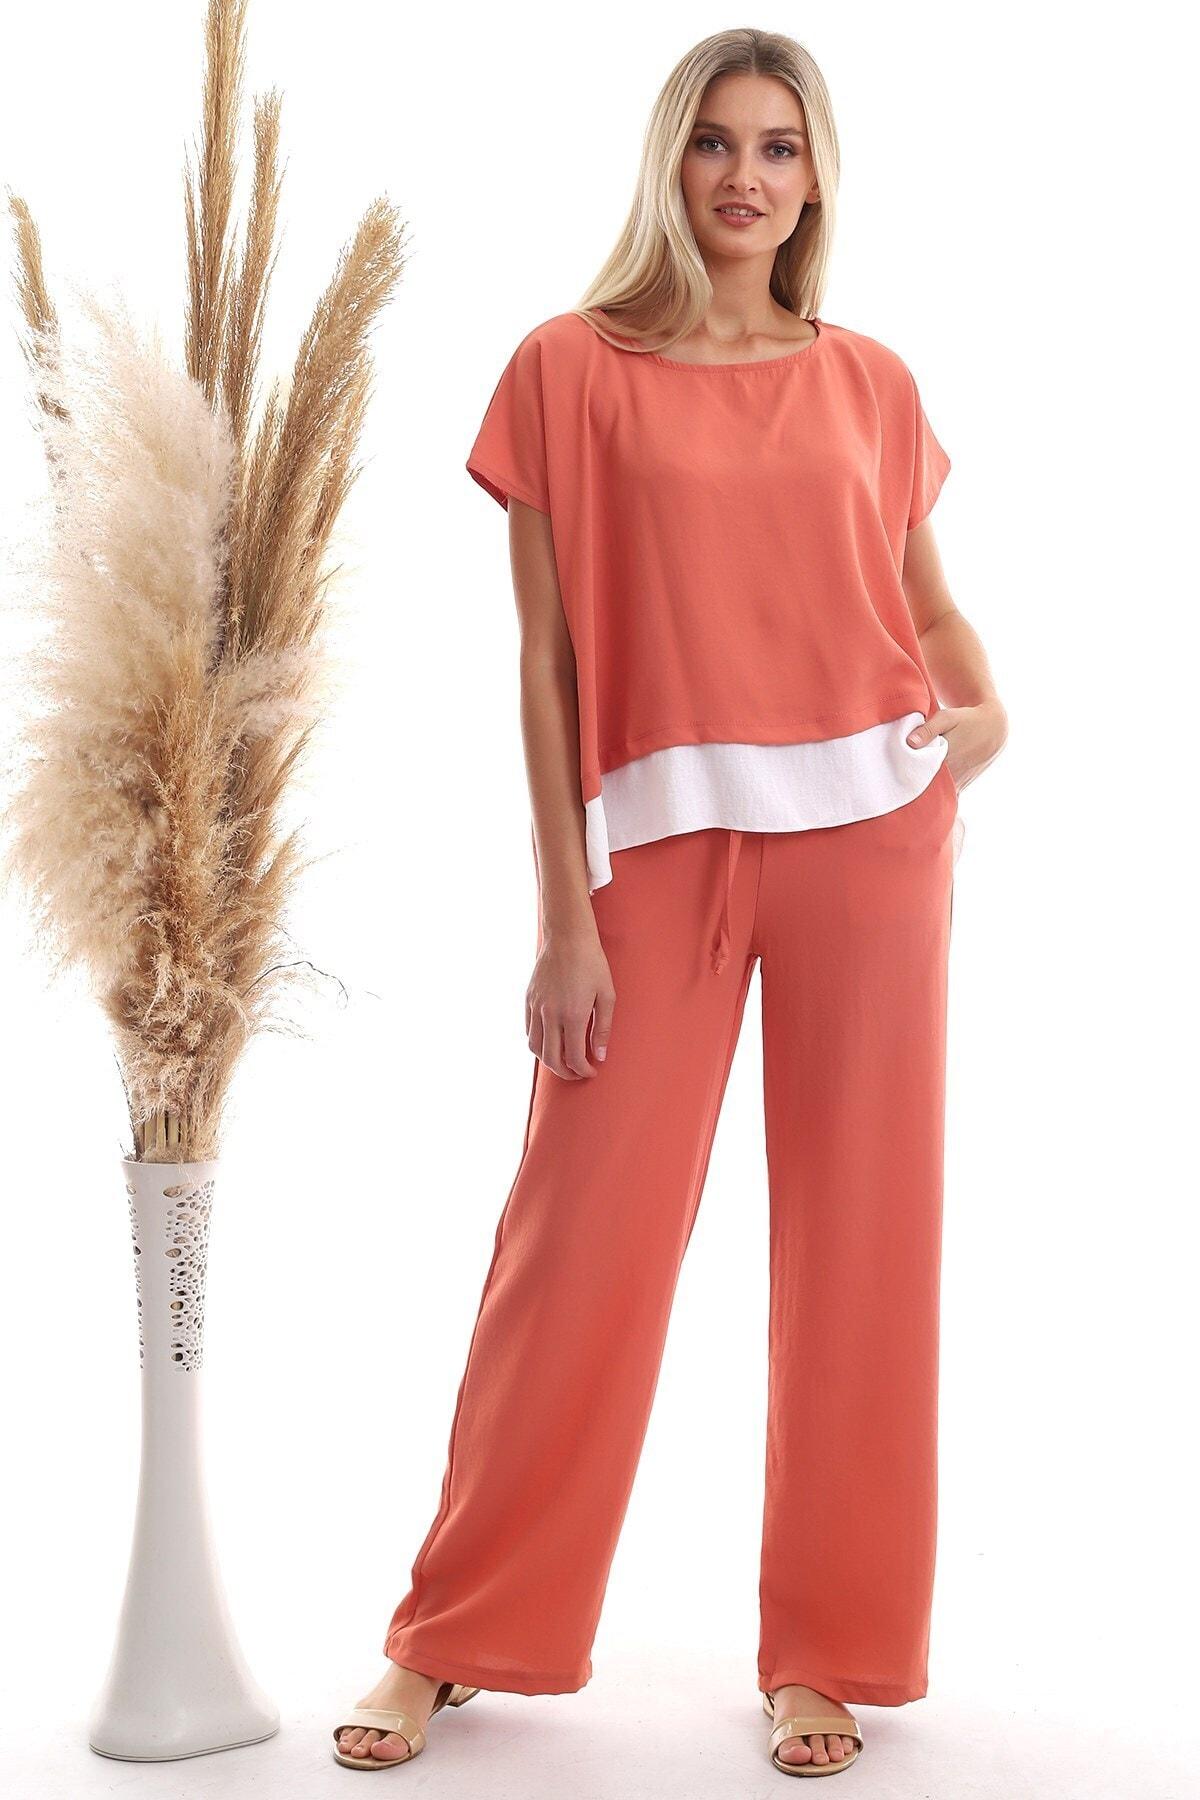 Kadın Sogan Kabugu Etek Garnili Bluz Pantolon Takım 20333064